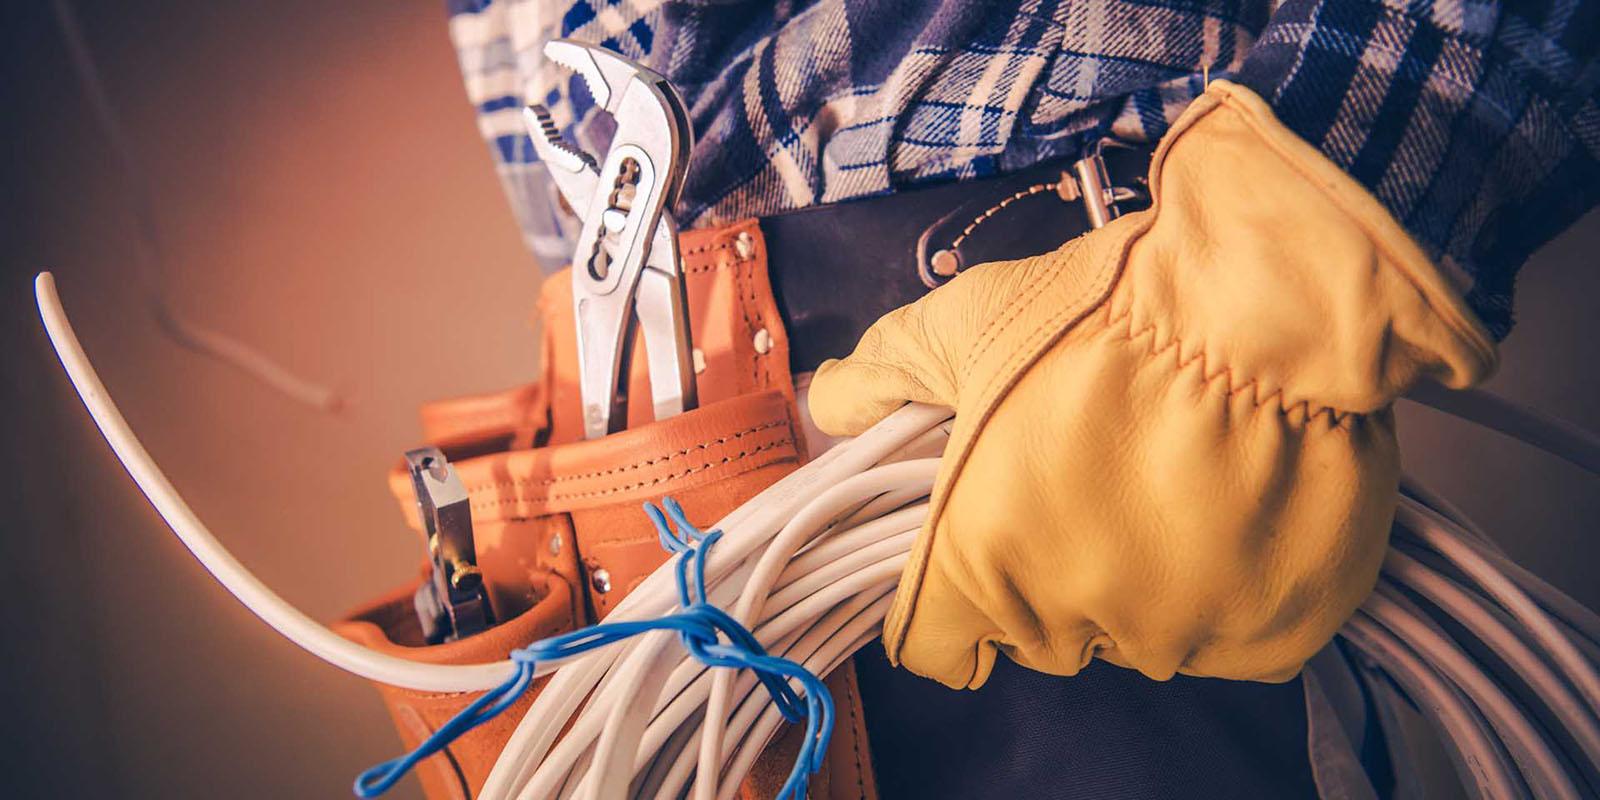 Närbild på elektriker som har på sig ett orange verktygsbälte och håller i en ihoprullad kabel.